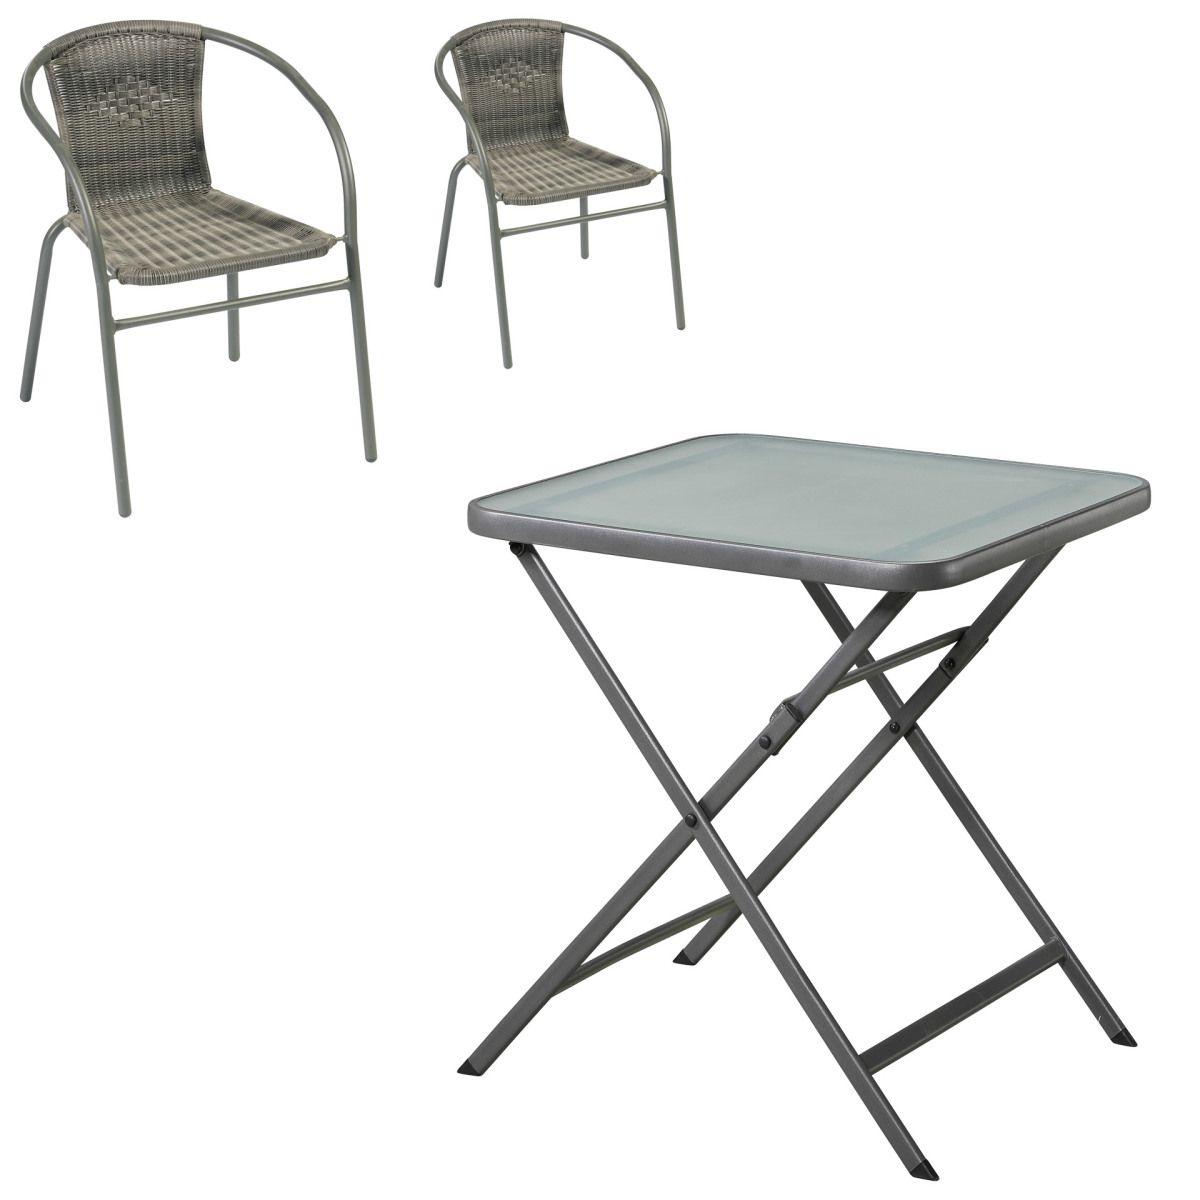 Gartenmöbel-Set Modena/ Larissa (70x70, Klapptisch, 2 Stühle, grau ...